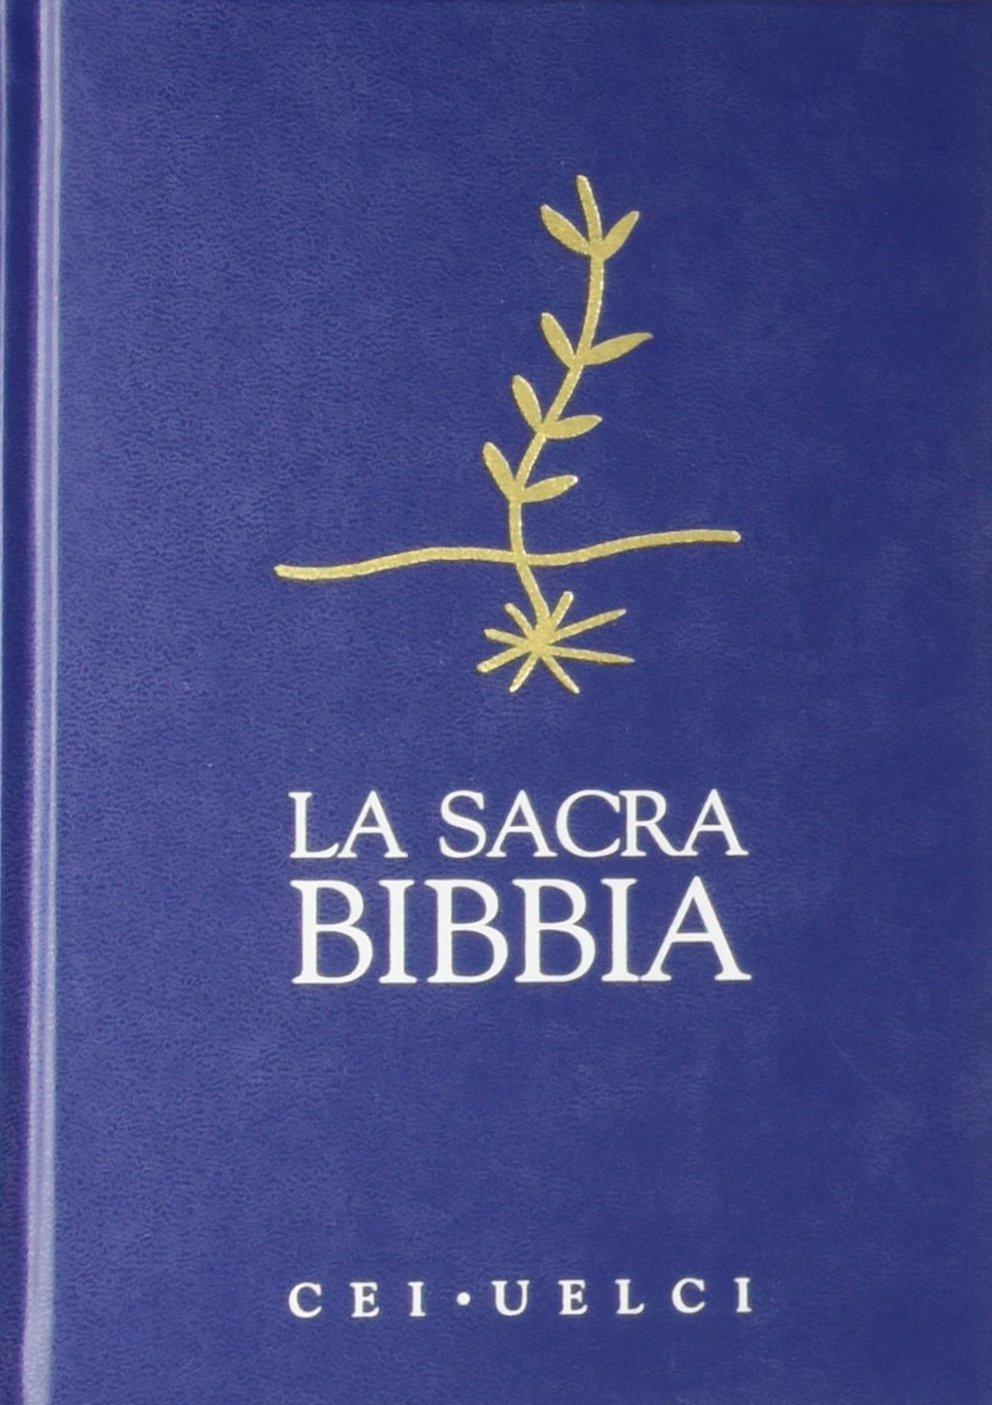 Risultati immagini per la sacra bibbia cei